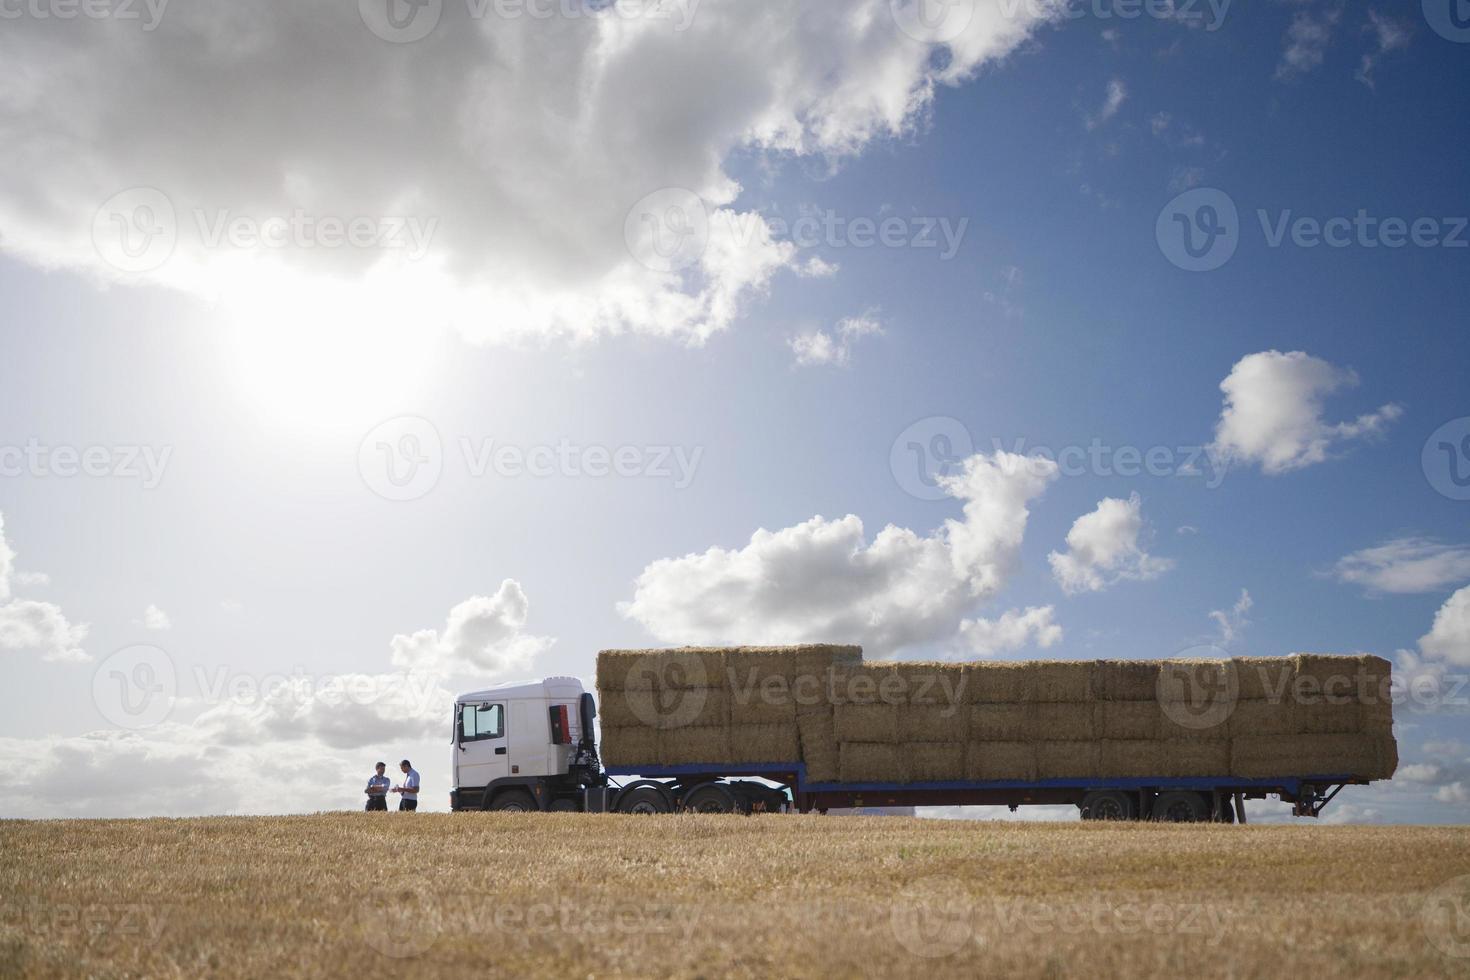 halmbalar på släpvagnen i soligt, lantligt fält foto